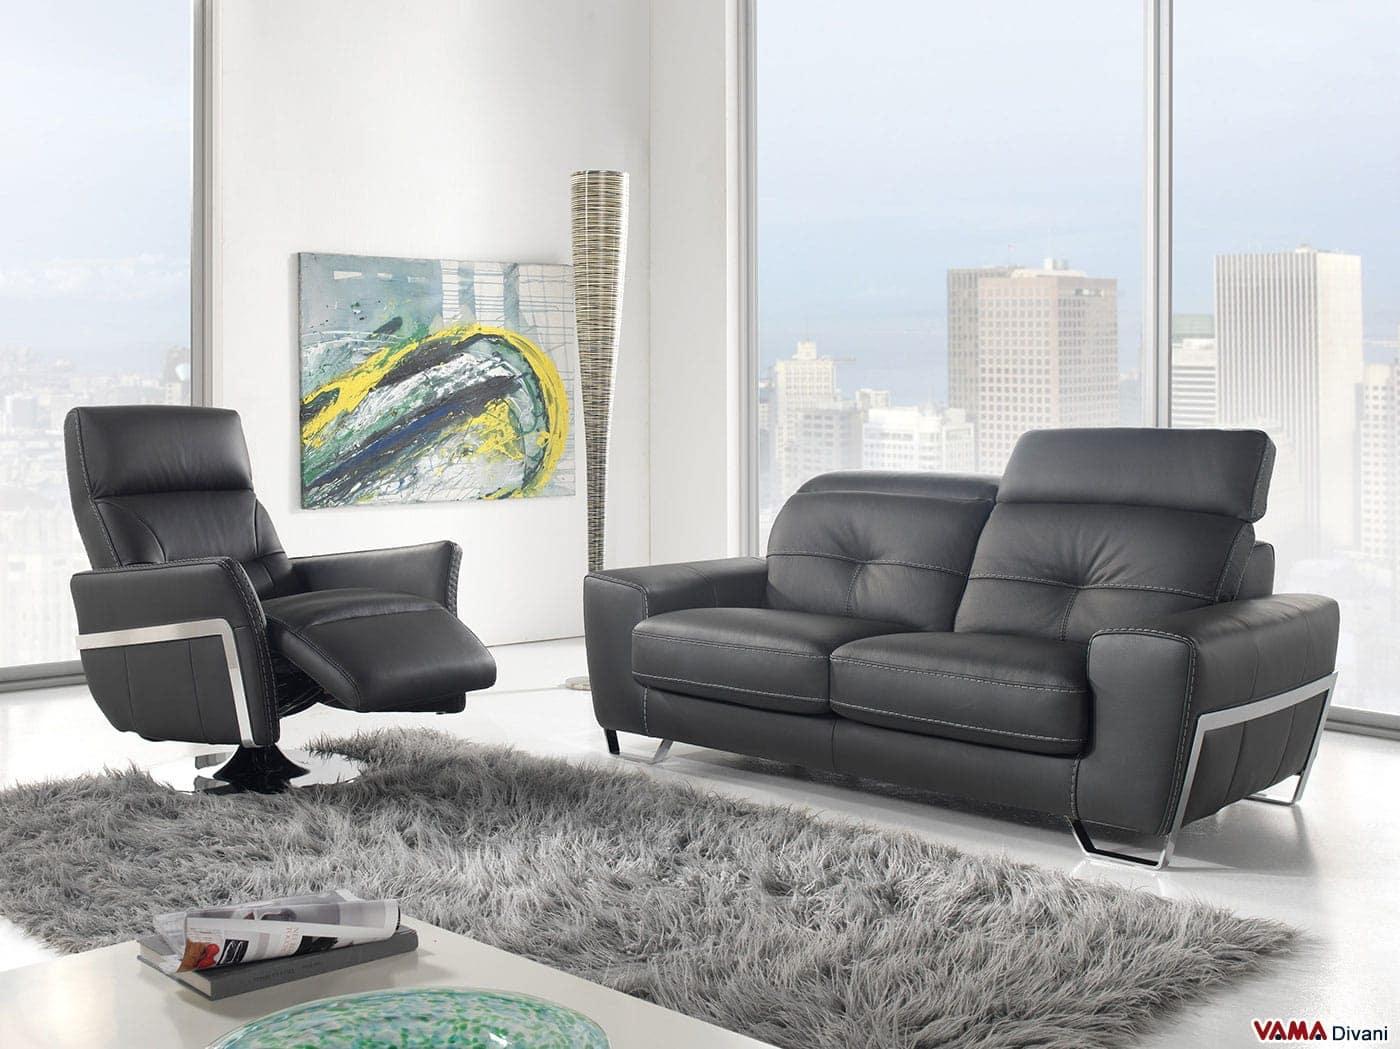 Divano moderno kube vama divani - Cambiare rivestimento divano poltrone e sofa ...